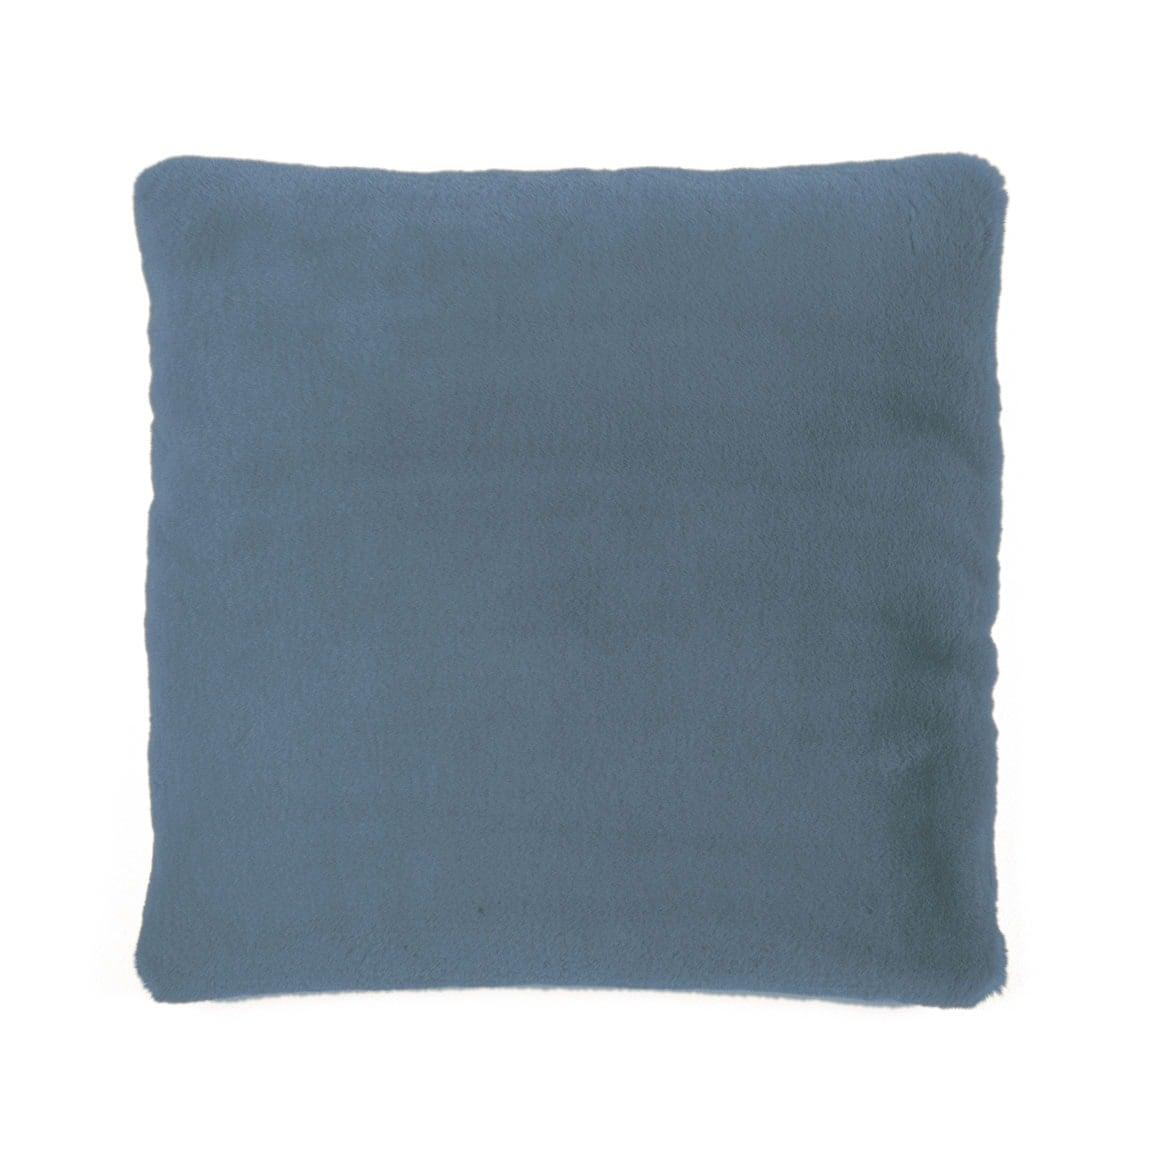 Webpelzkissen-Bali-soft-blue-40x40-50x50-60x60